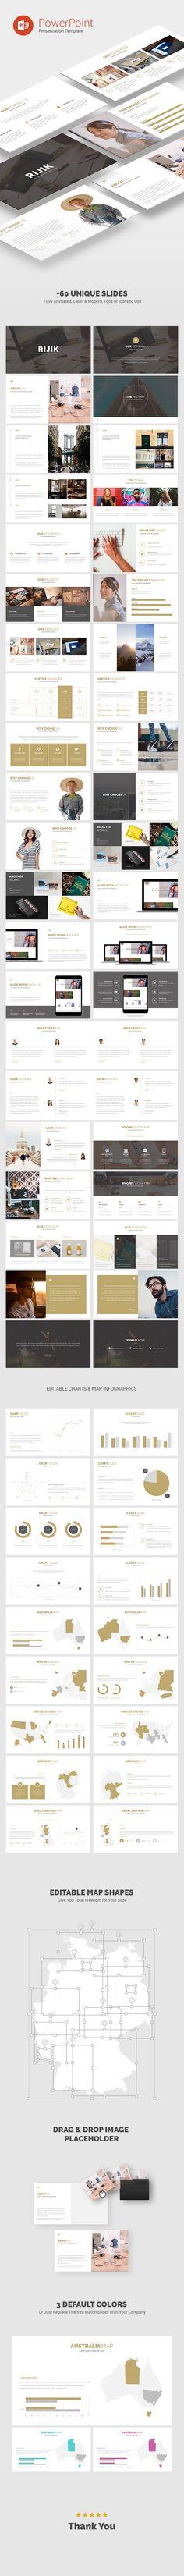 Misty Multipurpose Powerpoint Template (PowerPoint Templates) - powerpoint brochure template